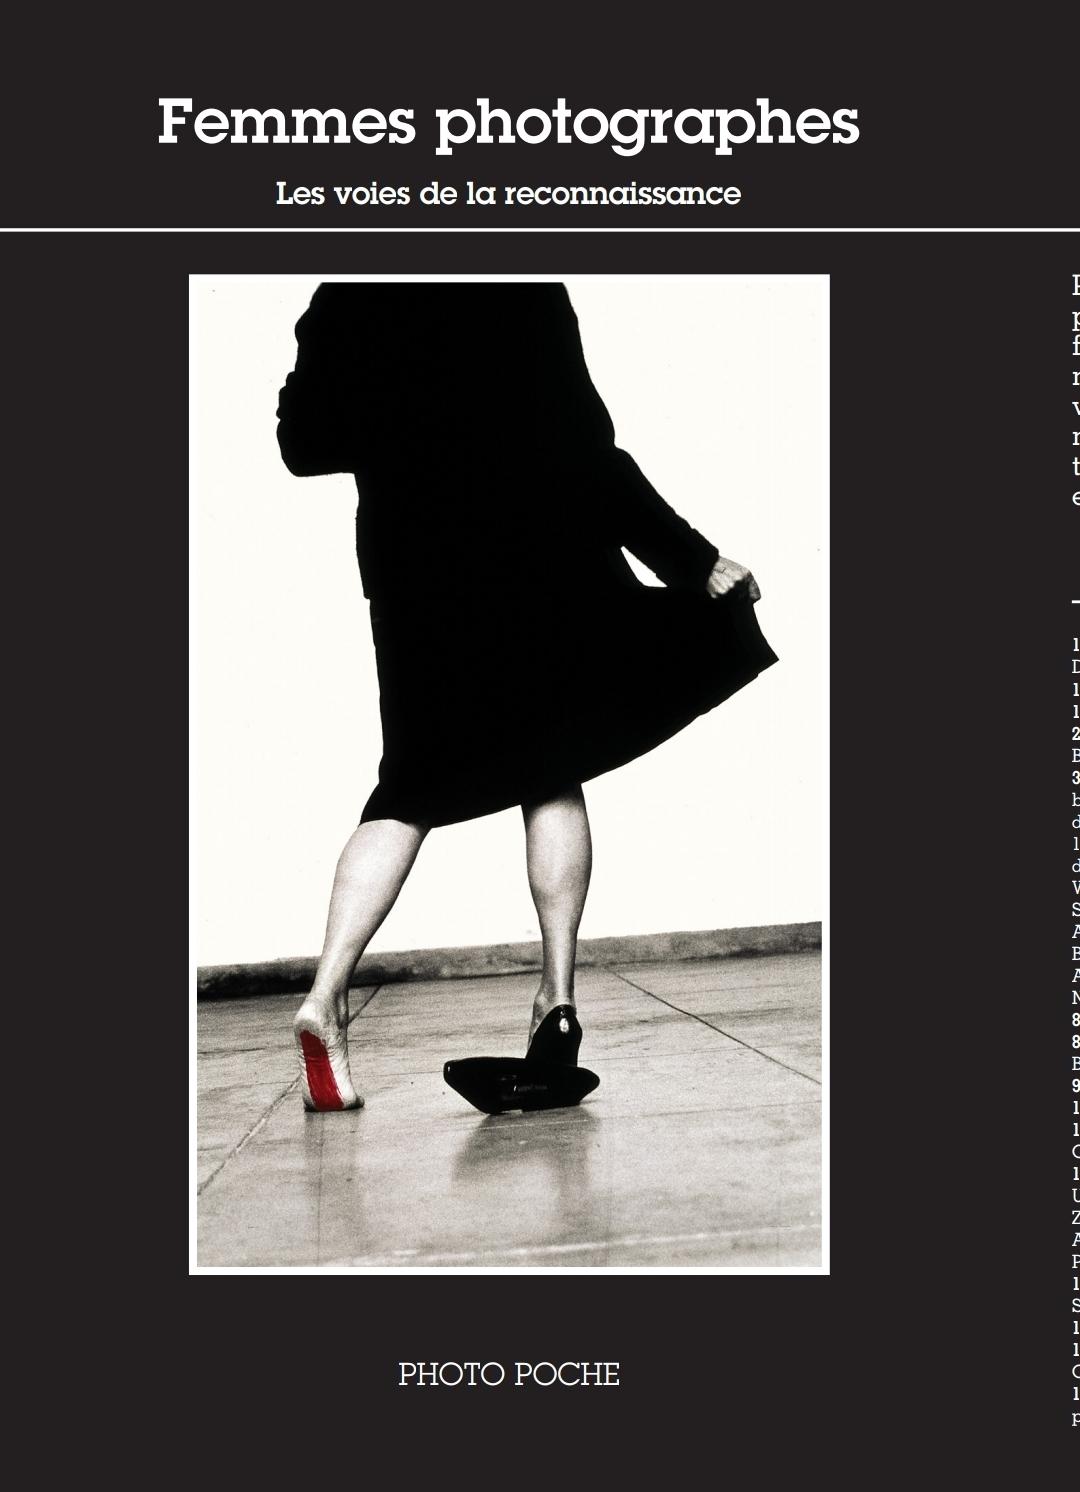 Présentation d'un projet éditorial autour des femmes photographes, expositions de tirages et projection d'un documentaire sur le sujet